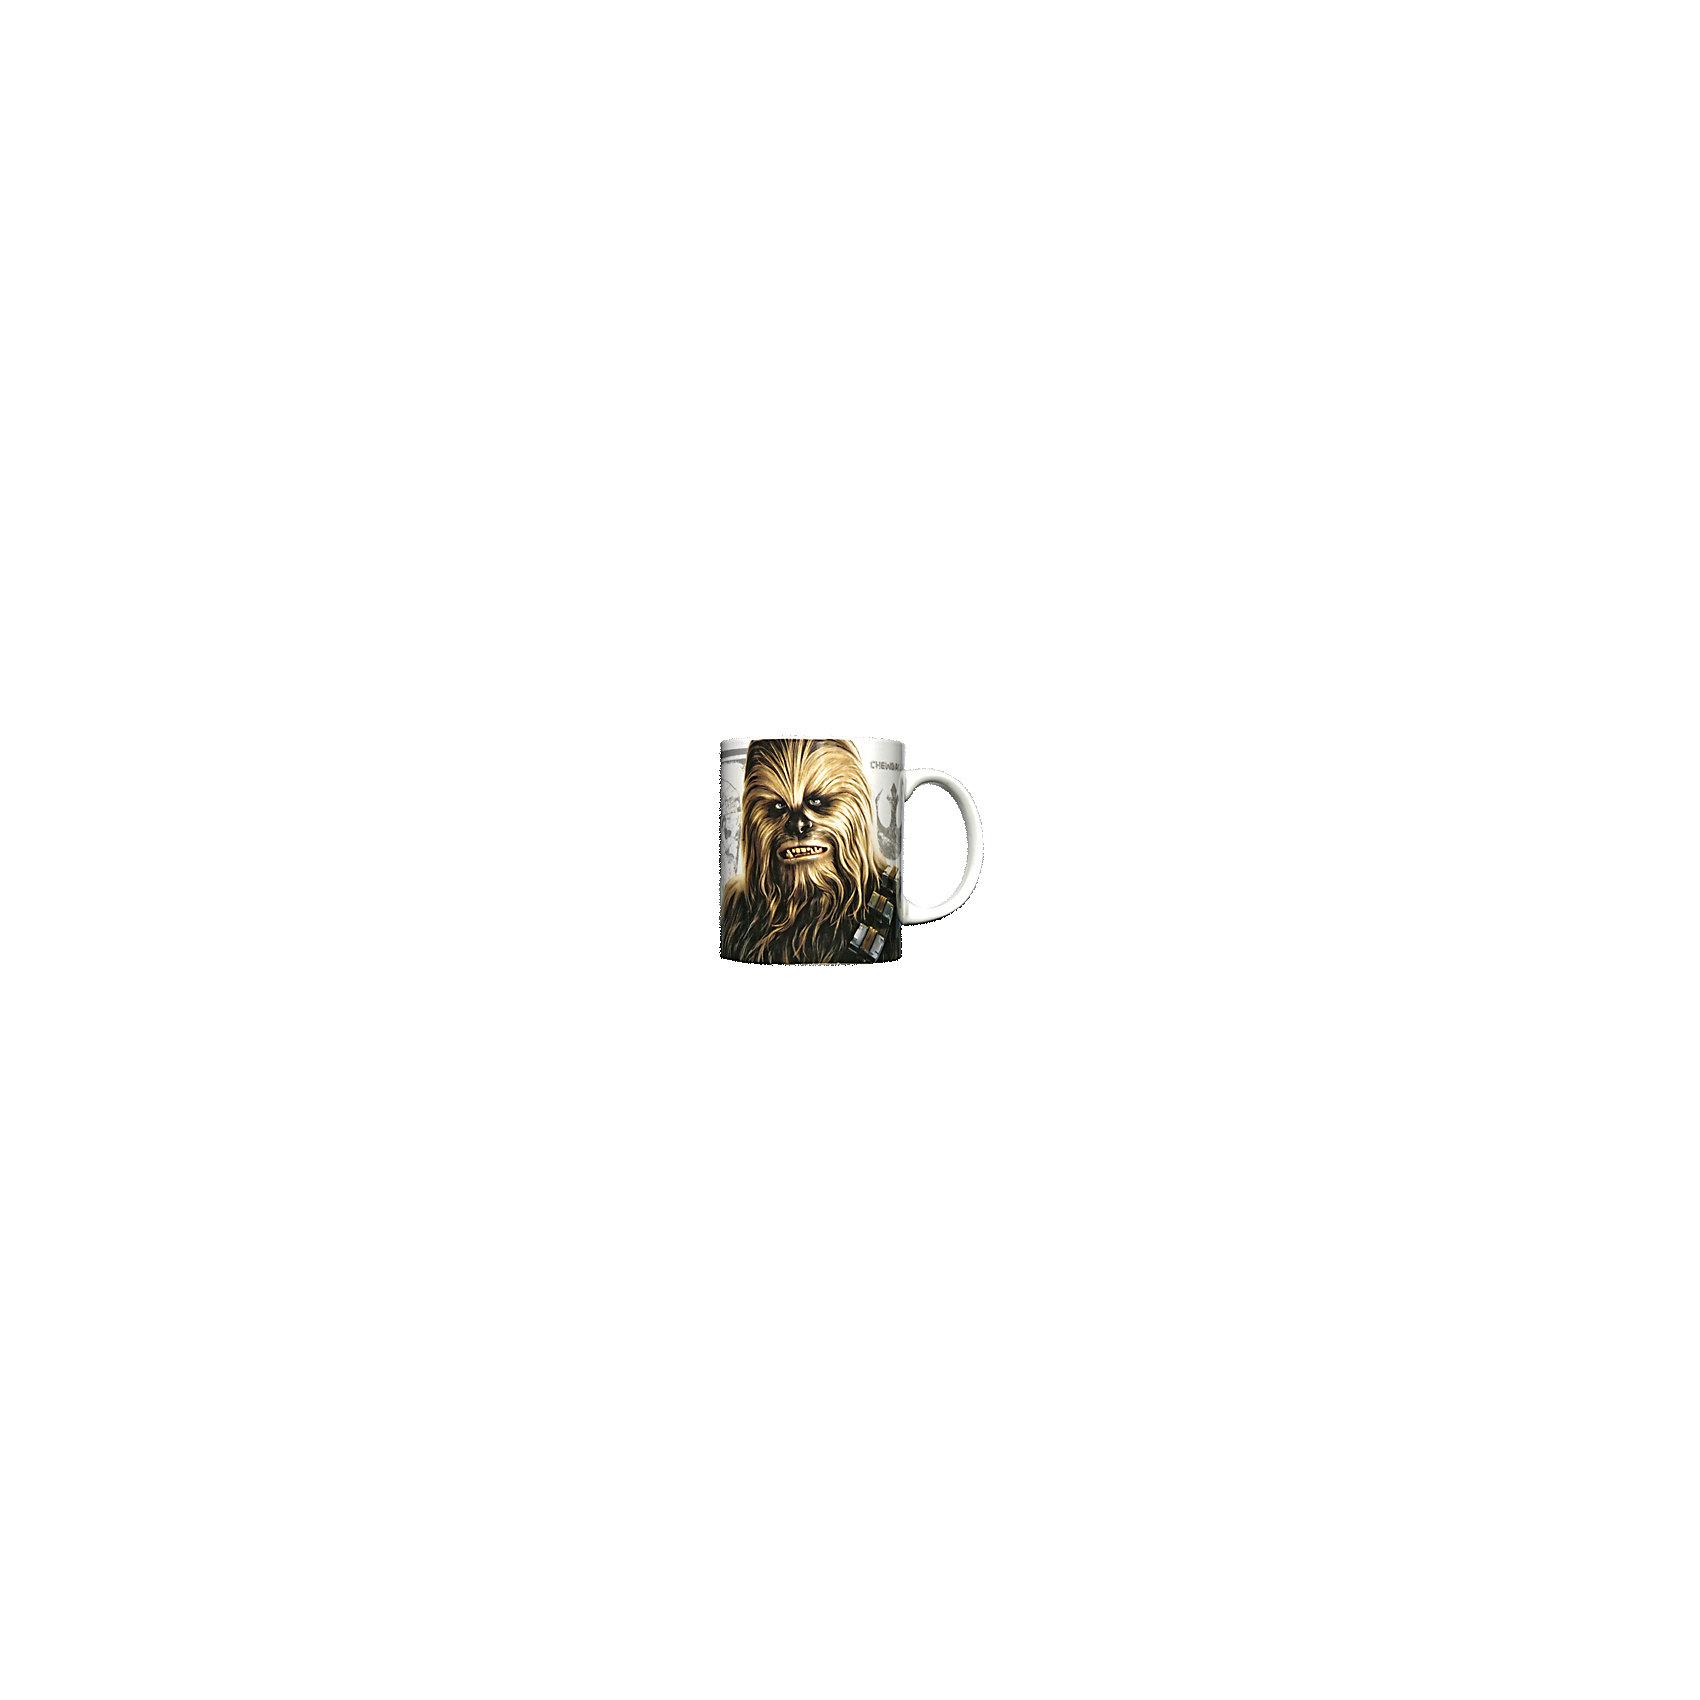 Керамическая кружка Чубакка 350 мл, Звёздные ВойныКерамическая кружка Чубакка 350 мл, Звёздные Войны - эта оригинальная кружка станет приятным сюрпризом для Вашего ребенка.<br>Кружка Чубакка Звездные войны станет отличным подарком для любого фаната знаменитой саги. Она выполнена из керамики и оформлена рисунком с изображением одного из главных героев Звездных войн Чубакки. Большая ручка обеспечит удобство использования. Подходит для использования в посудомоечной машине и СВЧ-печи.<br><br>Дополнительная информация:<br><br>- Материал: керамика<br>- Объем: 350 мл.<br>- Высота: 10 см.<br>- Диаметр: 8 см.<br><br>Керамическую кружку Чубакка 350 мл, Звёздные Войны можно купить в нашем интернет-магазине.<br><br>Ширина мм: 120<br>Глубина мм: 82<br>Высота мм: 98<br>Вес г: 330<br>Возраст от месяцев: 36<br>Возраст до месяцев: 144<br>Пол: Унисекс<br>Возраст: Детский<br>SKU: 4603889